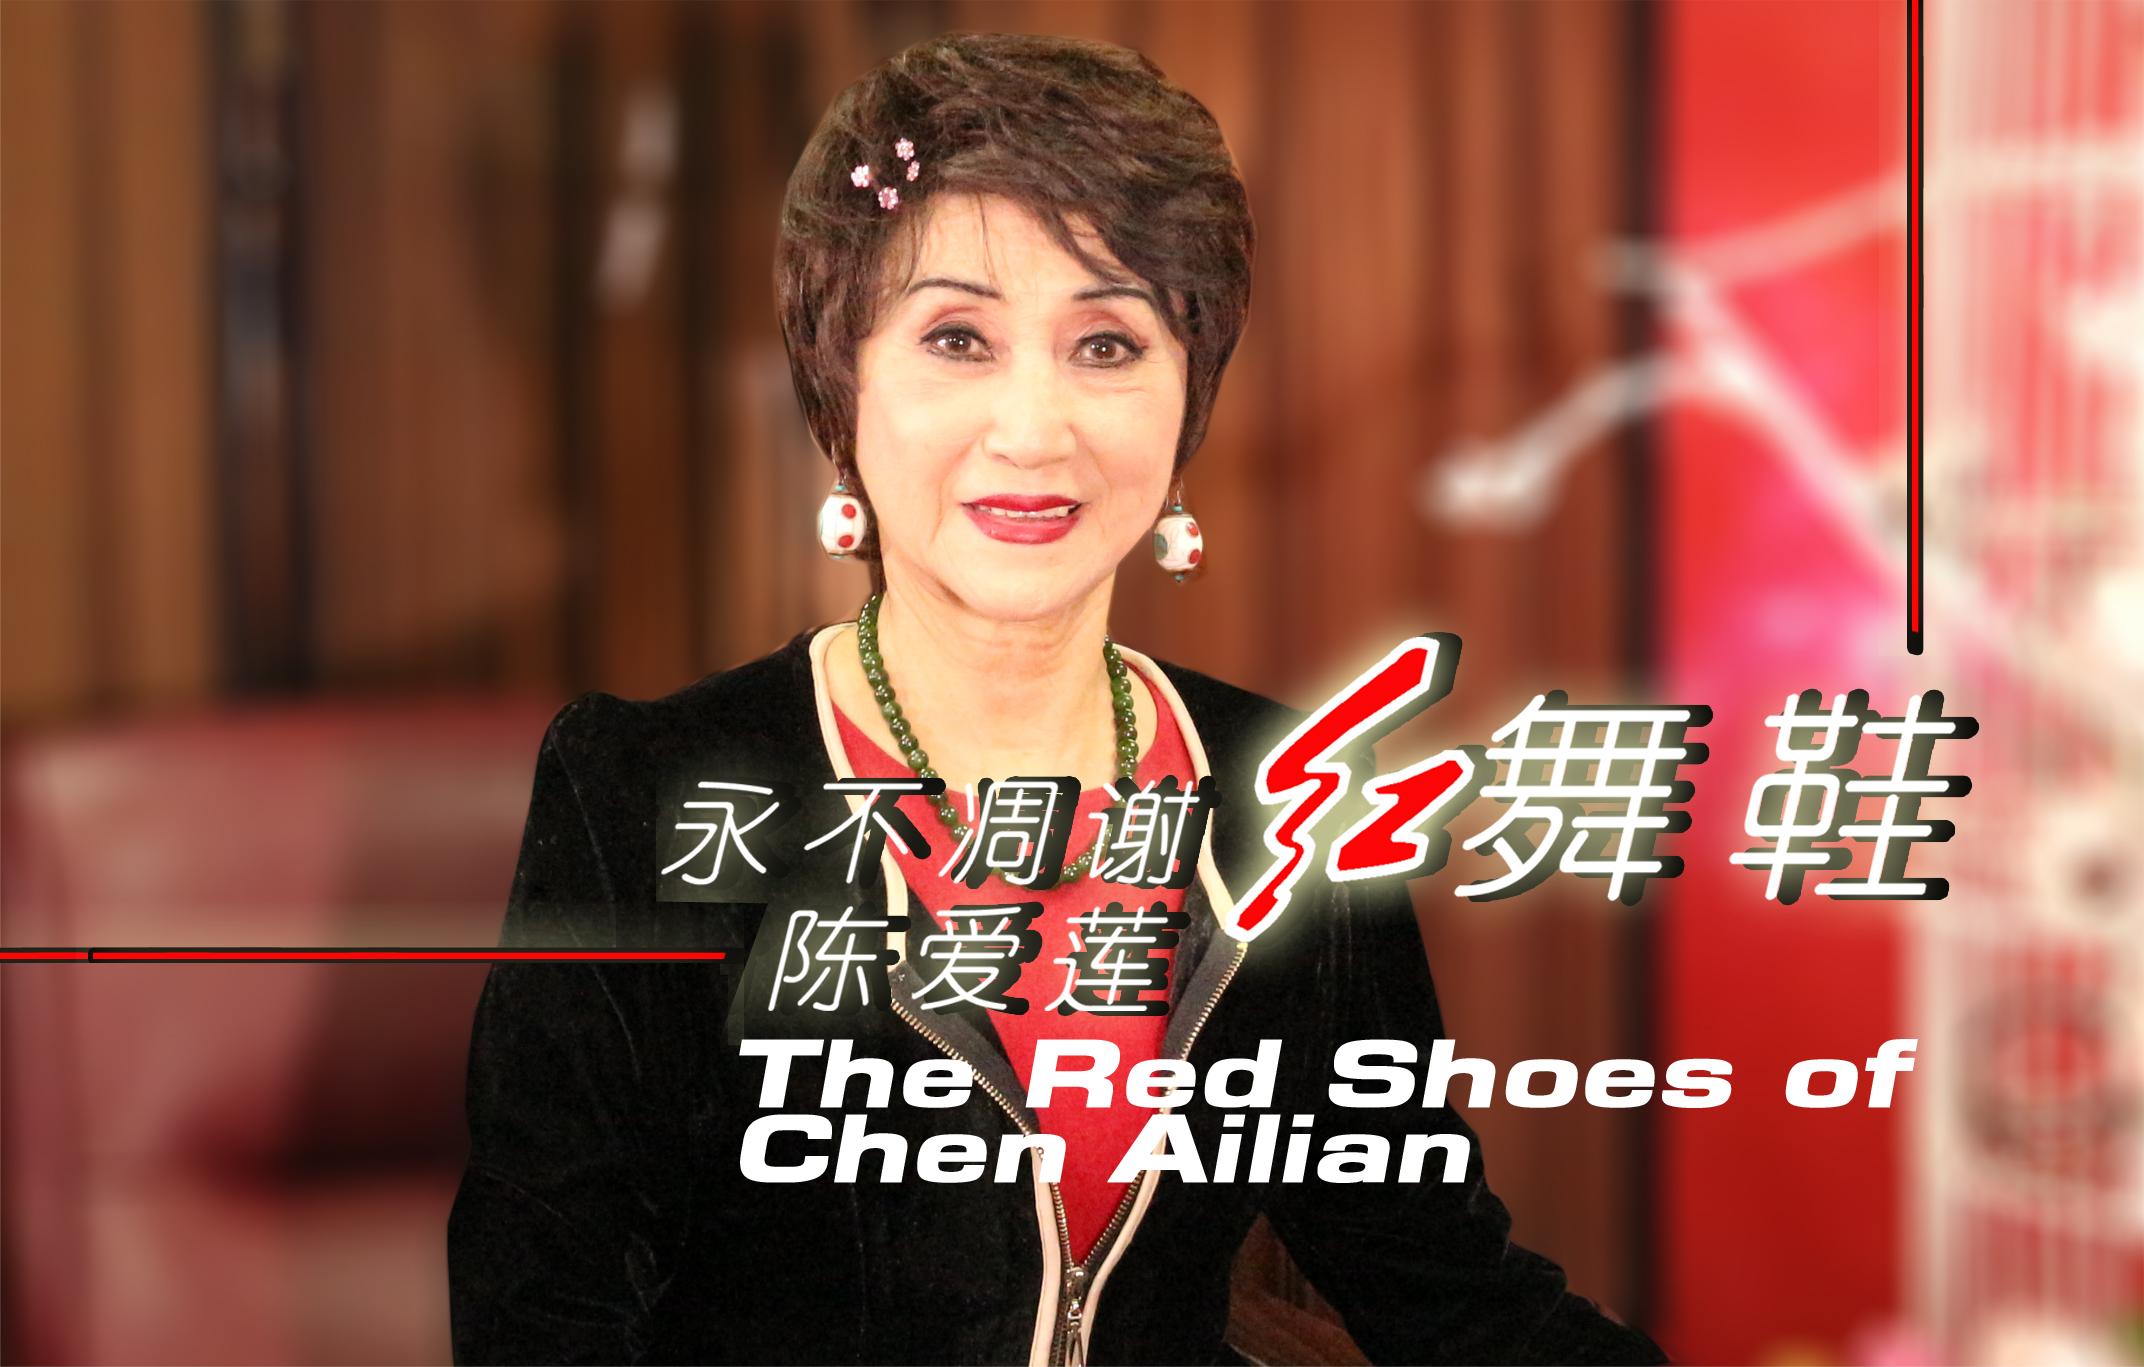 永不凋谢红舞鞋,香远益清陈爱莲